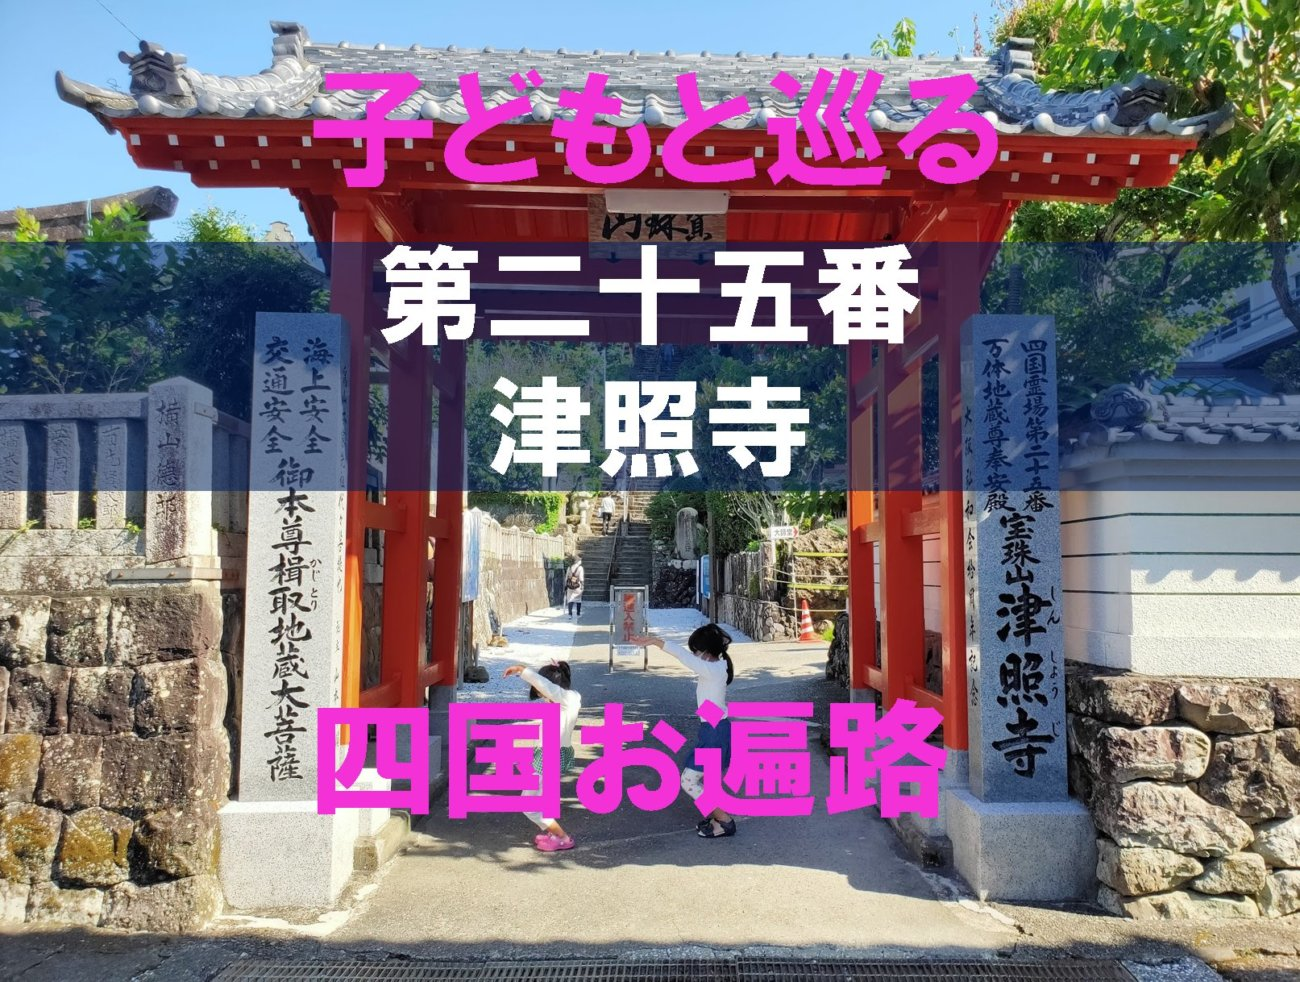 25番津照寺のアイキャッチ画像